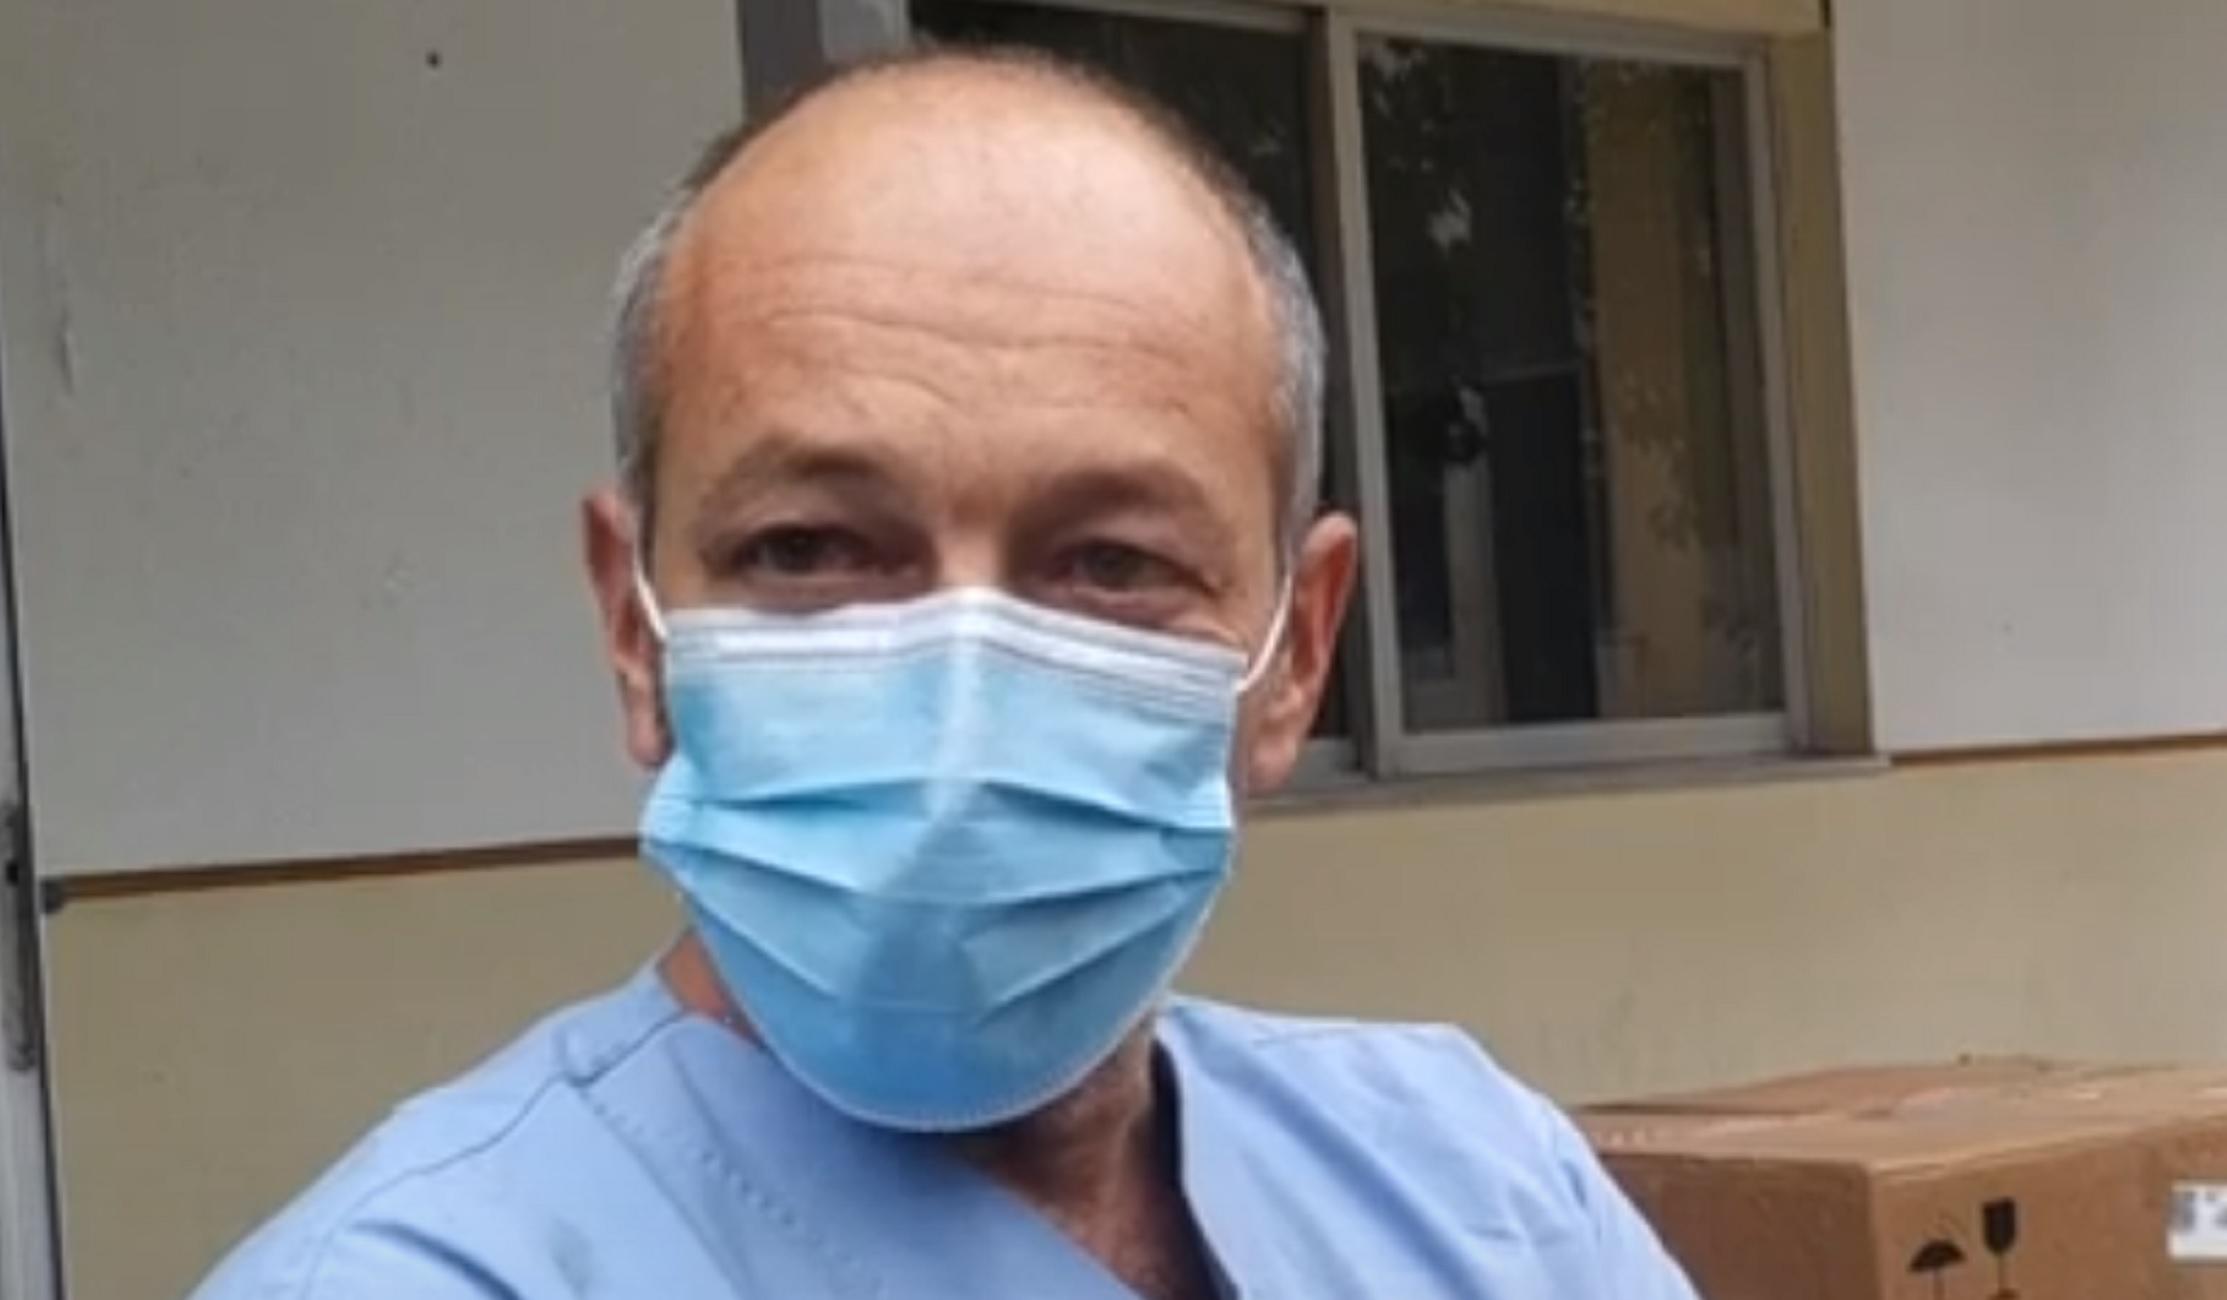 Λάρισα: Όταν ο αδικοχαμένος γιατρός Τηλέμαχος Ζαφειρίδης μιλούσε για τη μεγάλη μάχη κατά του κορονοϊού (video)